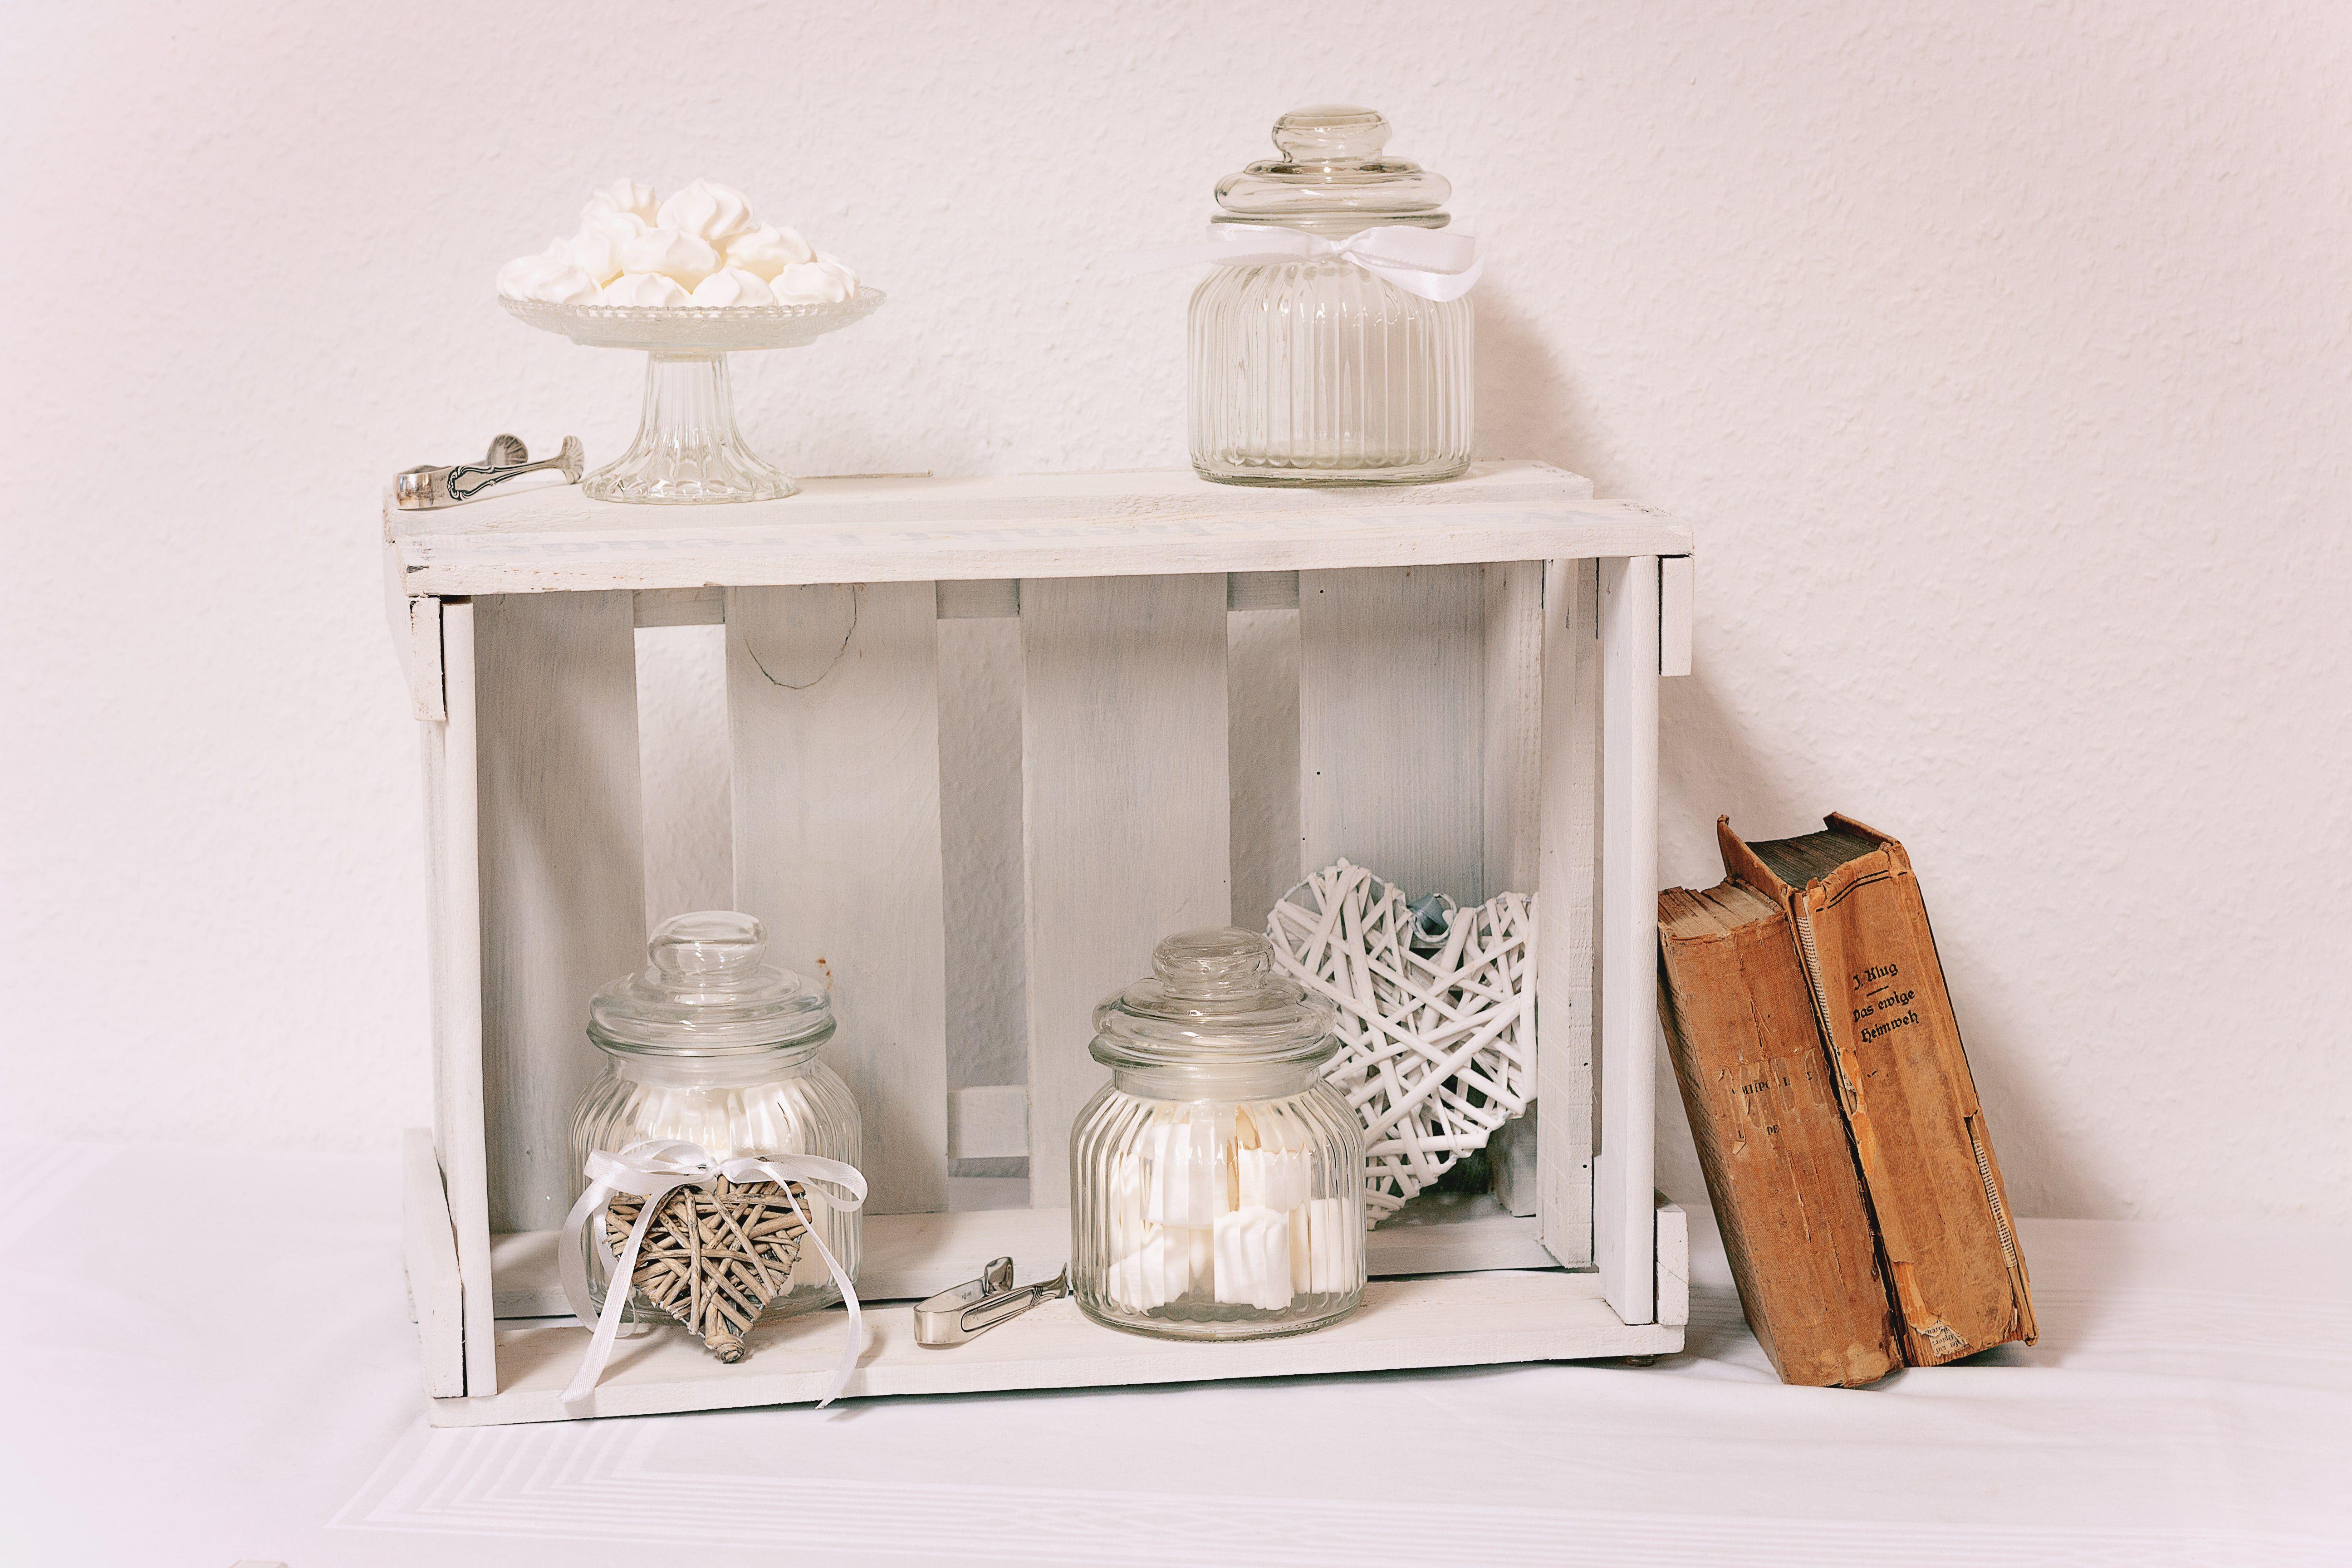 weinkisten wei lasiert sind wunderbare accessoires f hochzeit dekoverleih candy bar. Black Bedroom Furniture Sets. Home Design Ideas